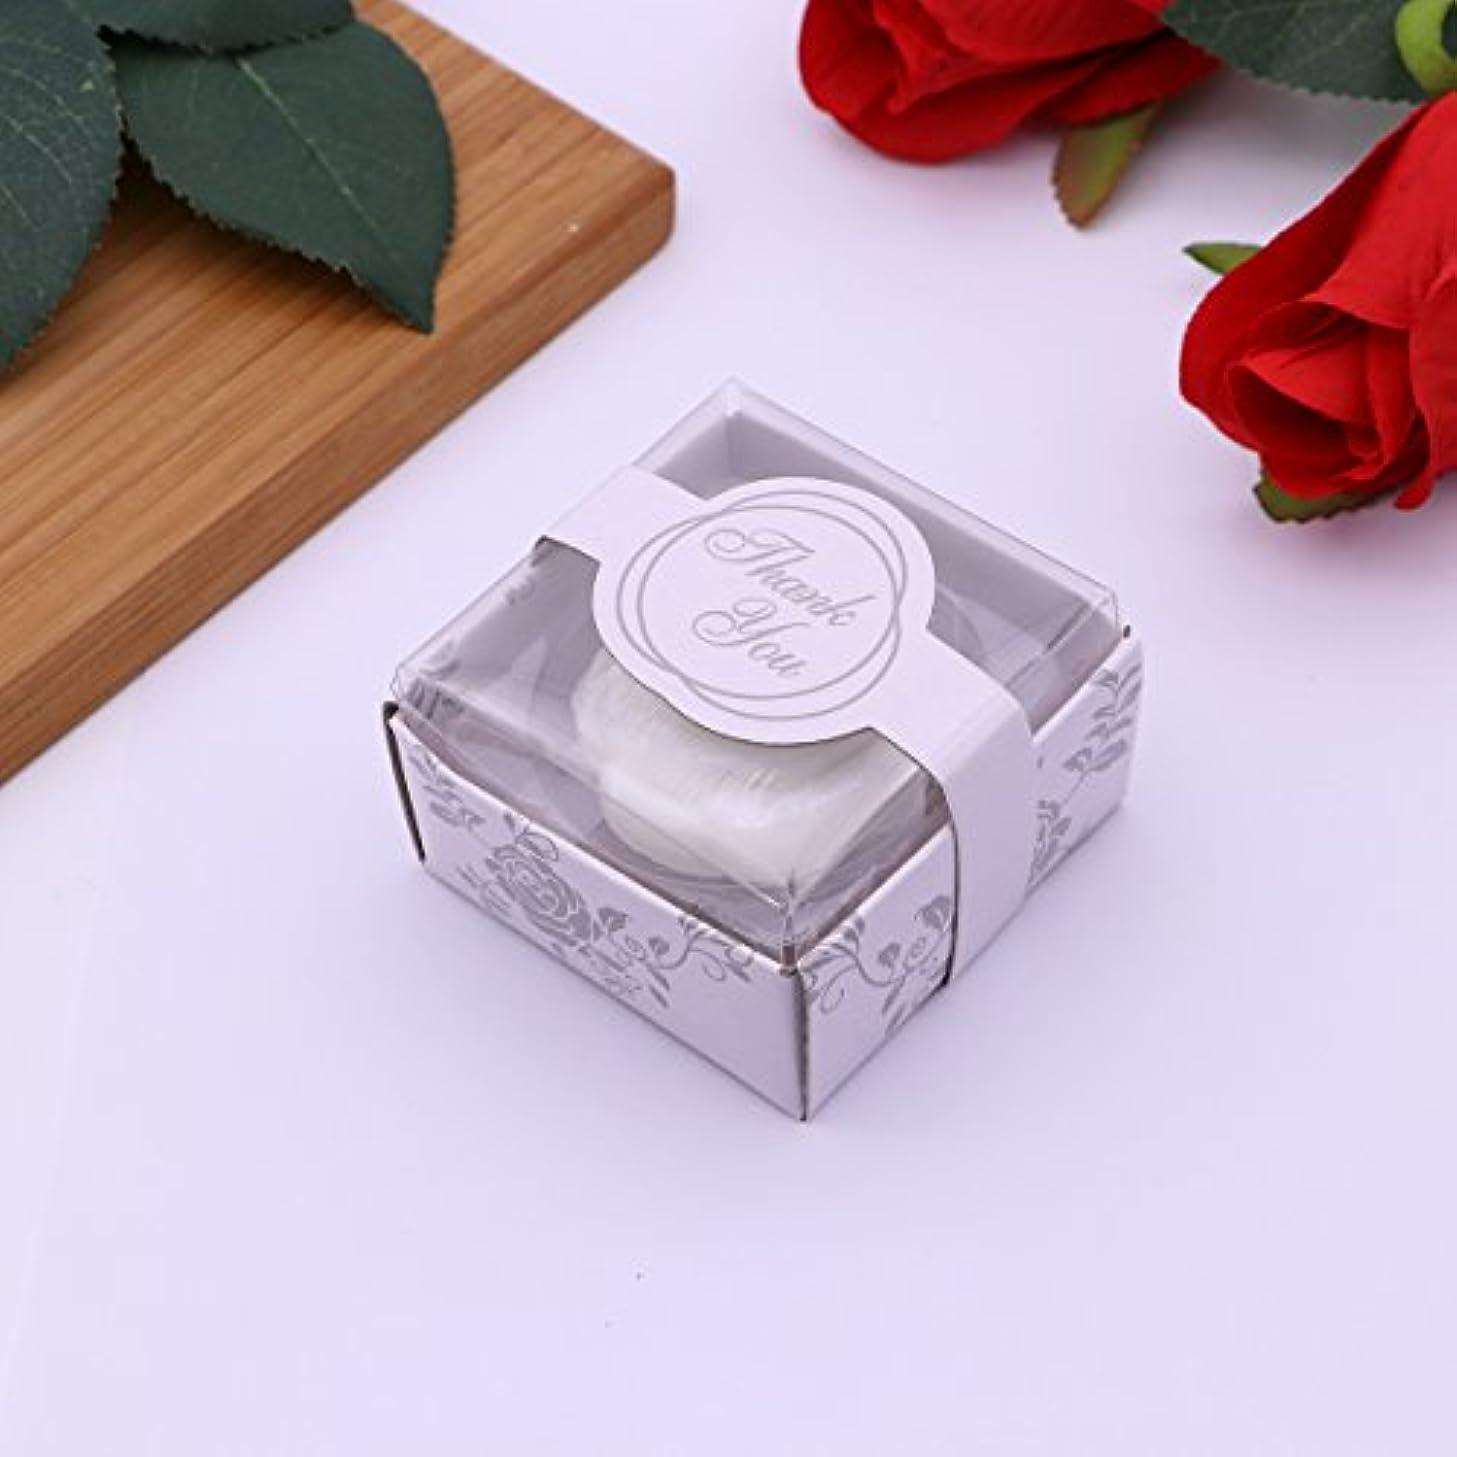 リアルくるくる質素なAmosfun 手作り石鹸オイルローズフラワーソープアロマエッセンシャルオイルギフト記念日誕生日結婚式バレンタインデー(ホワイト)20ピース